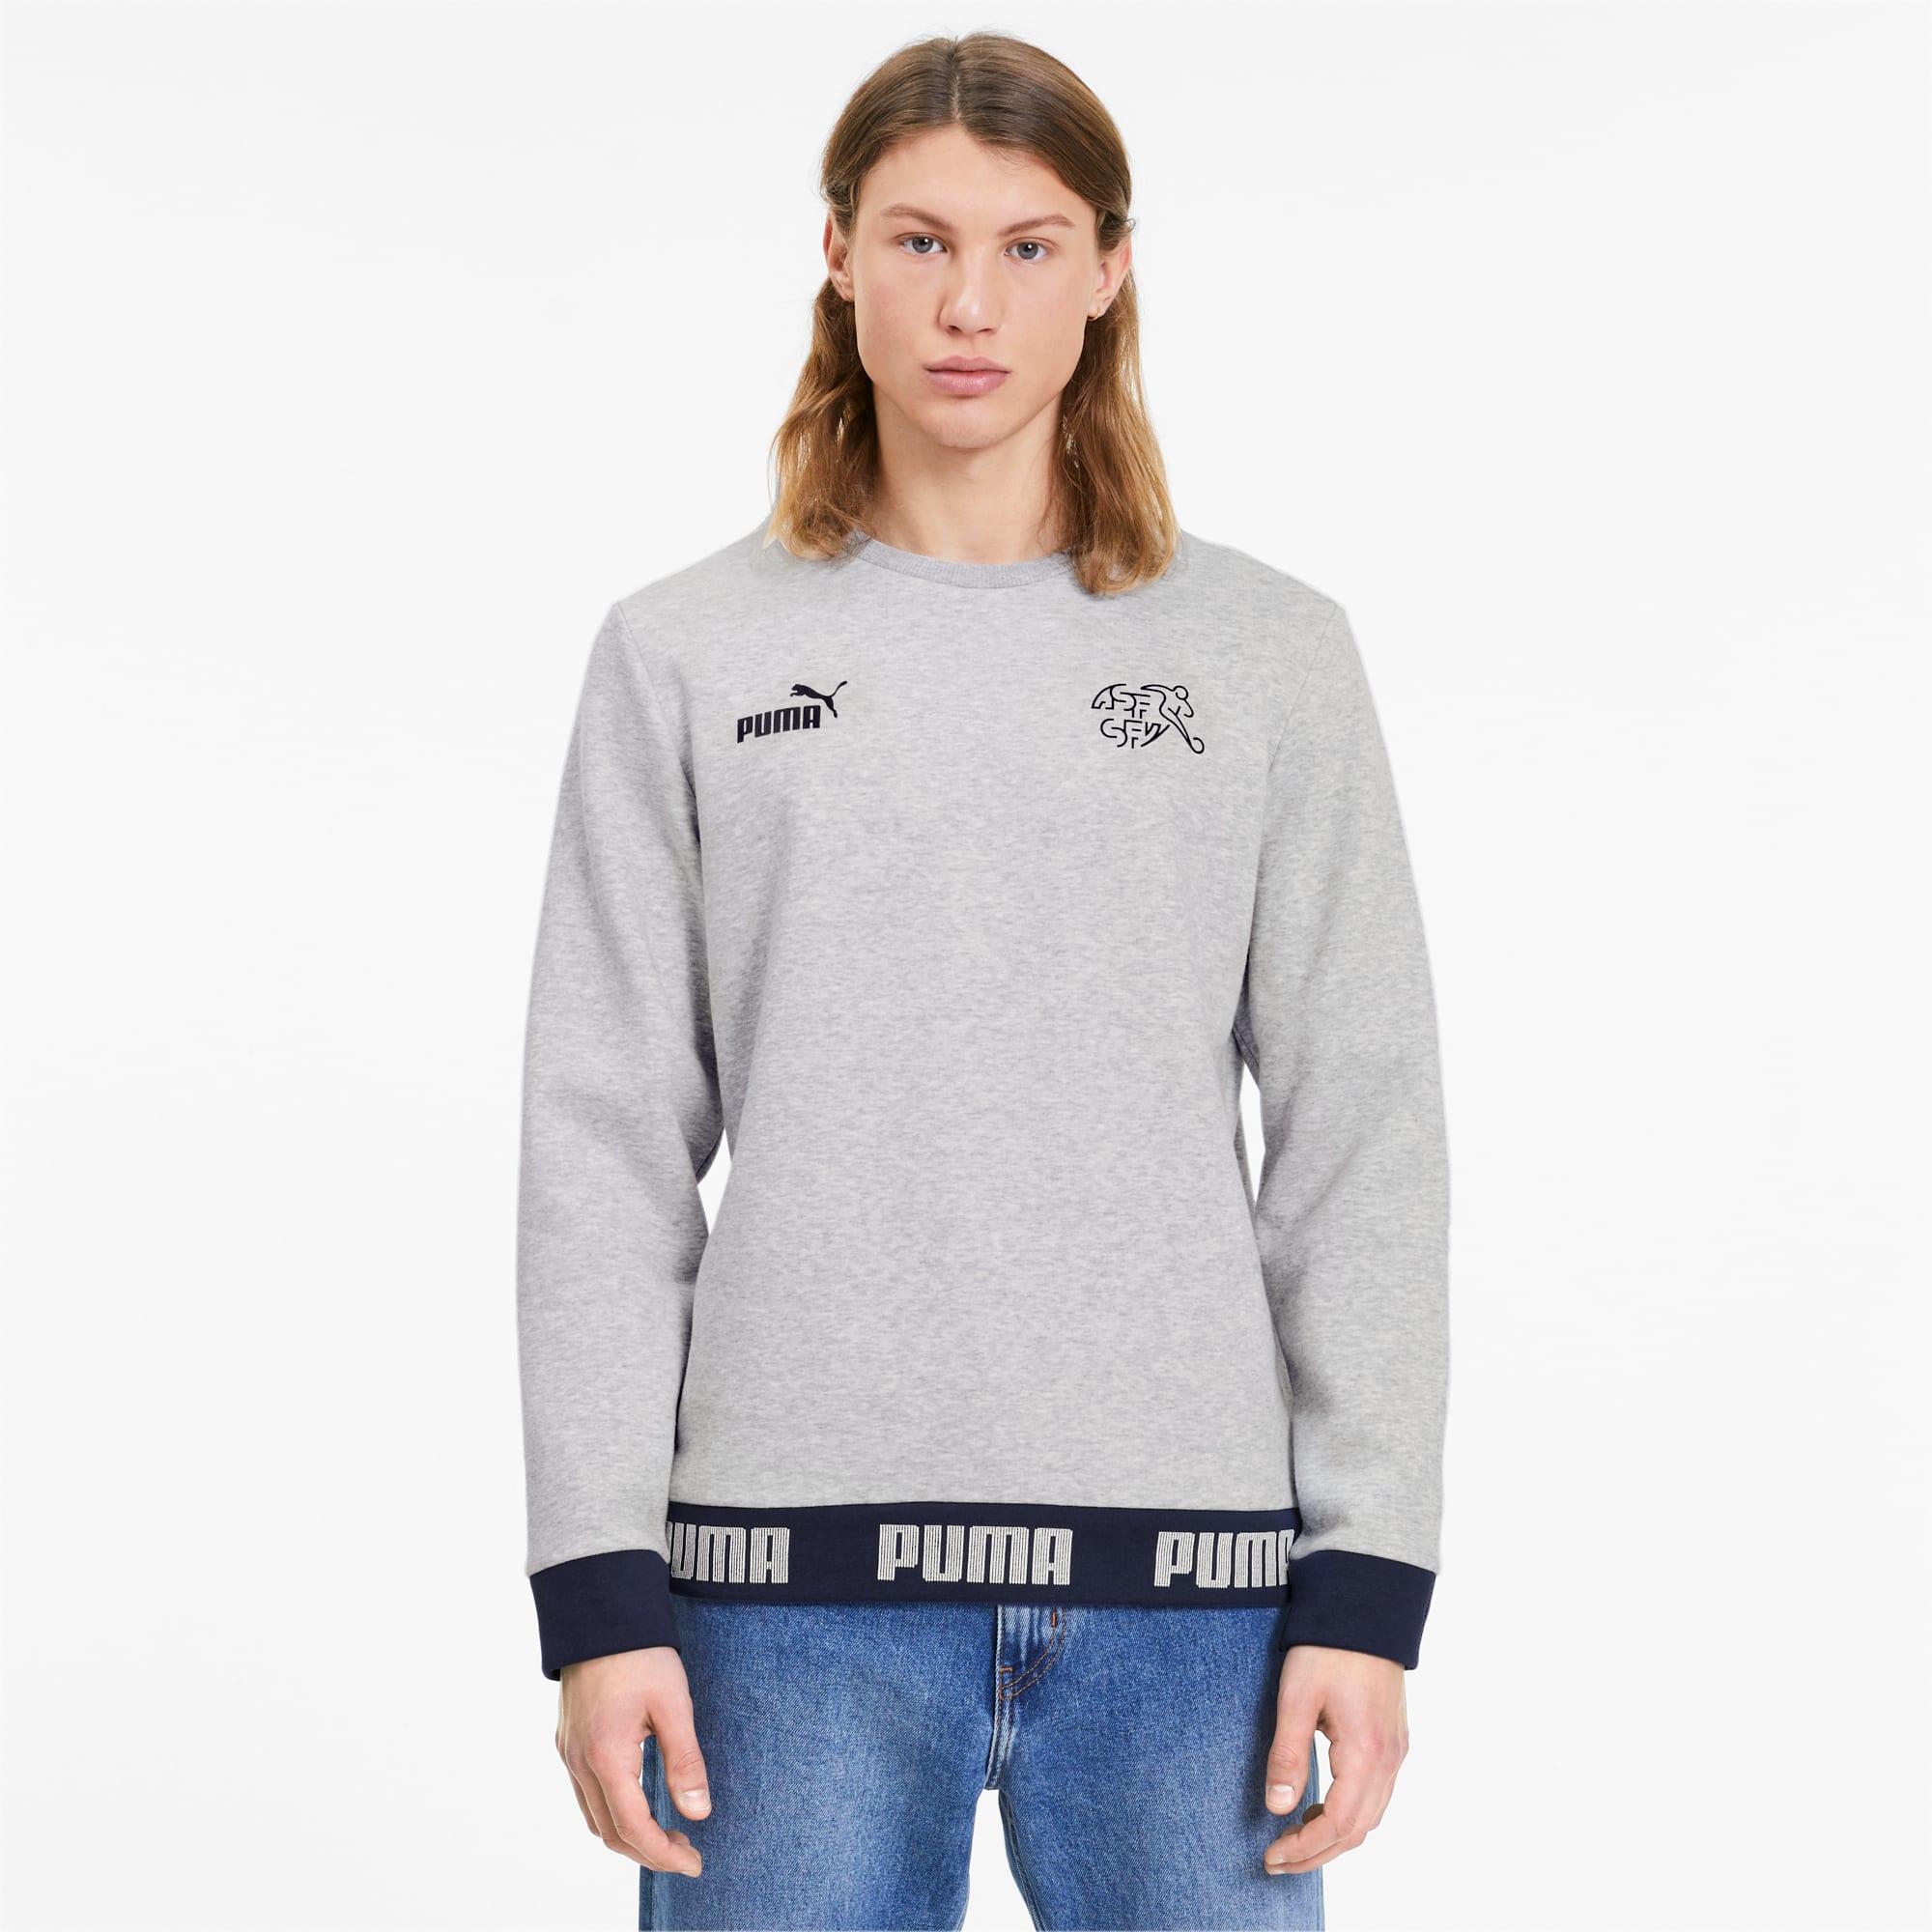 Suisse FtblCulture Men's Sweater